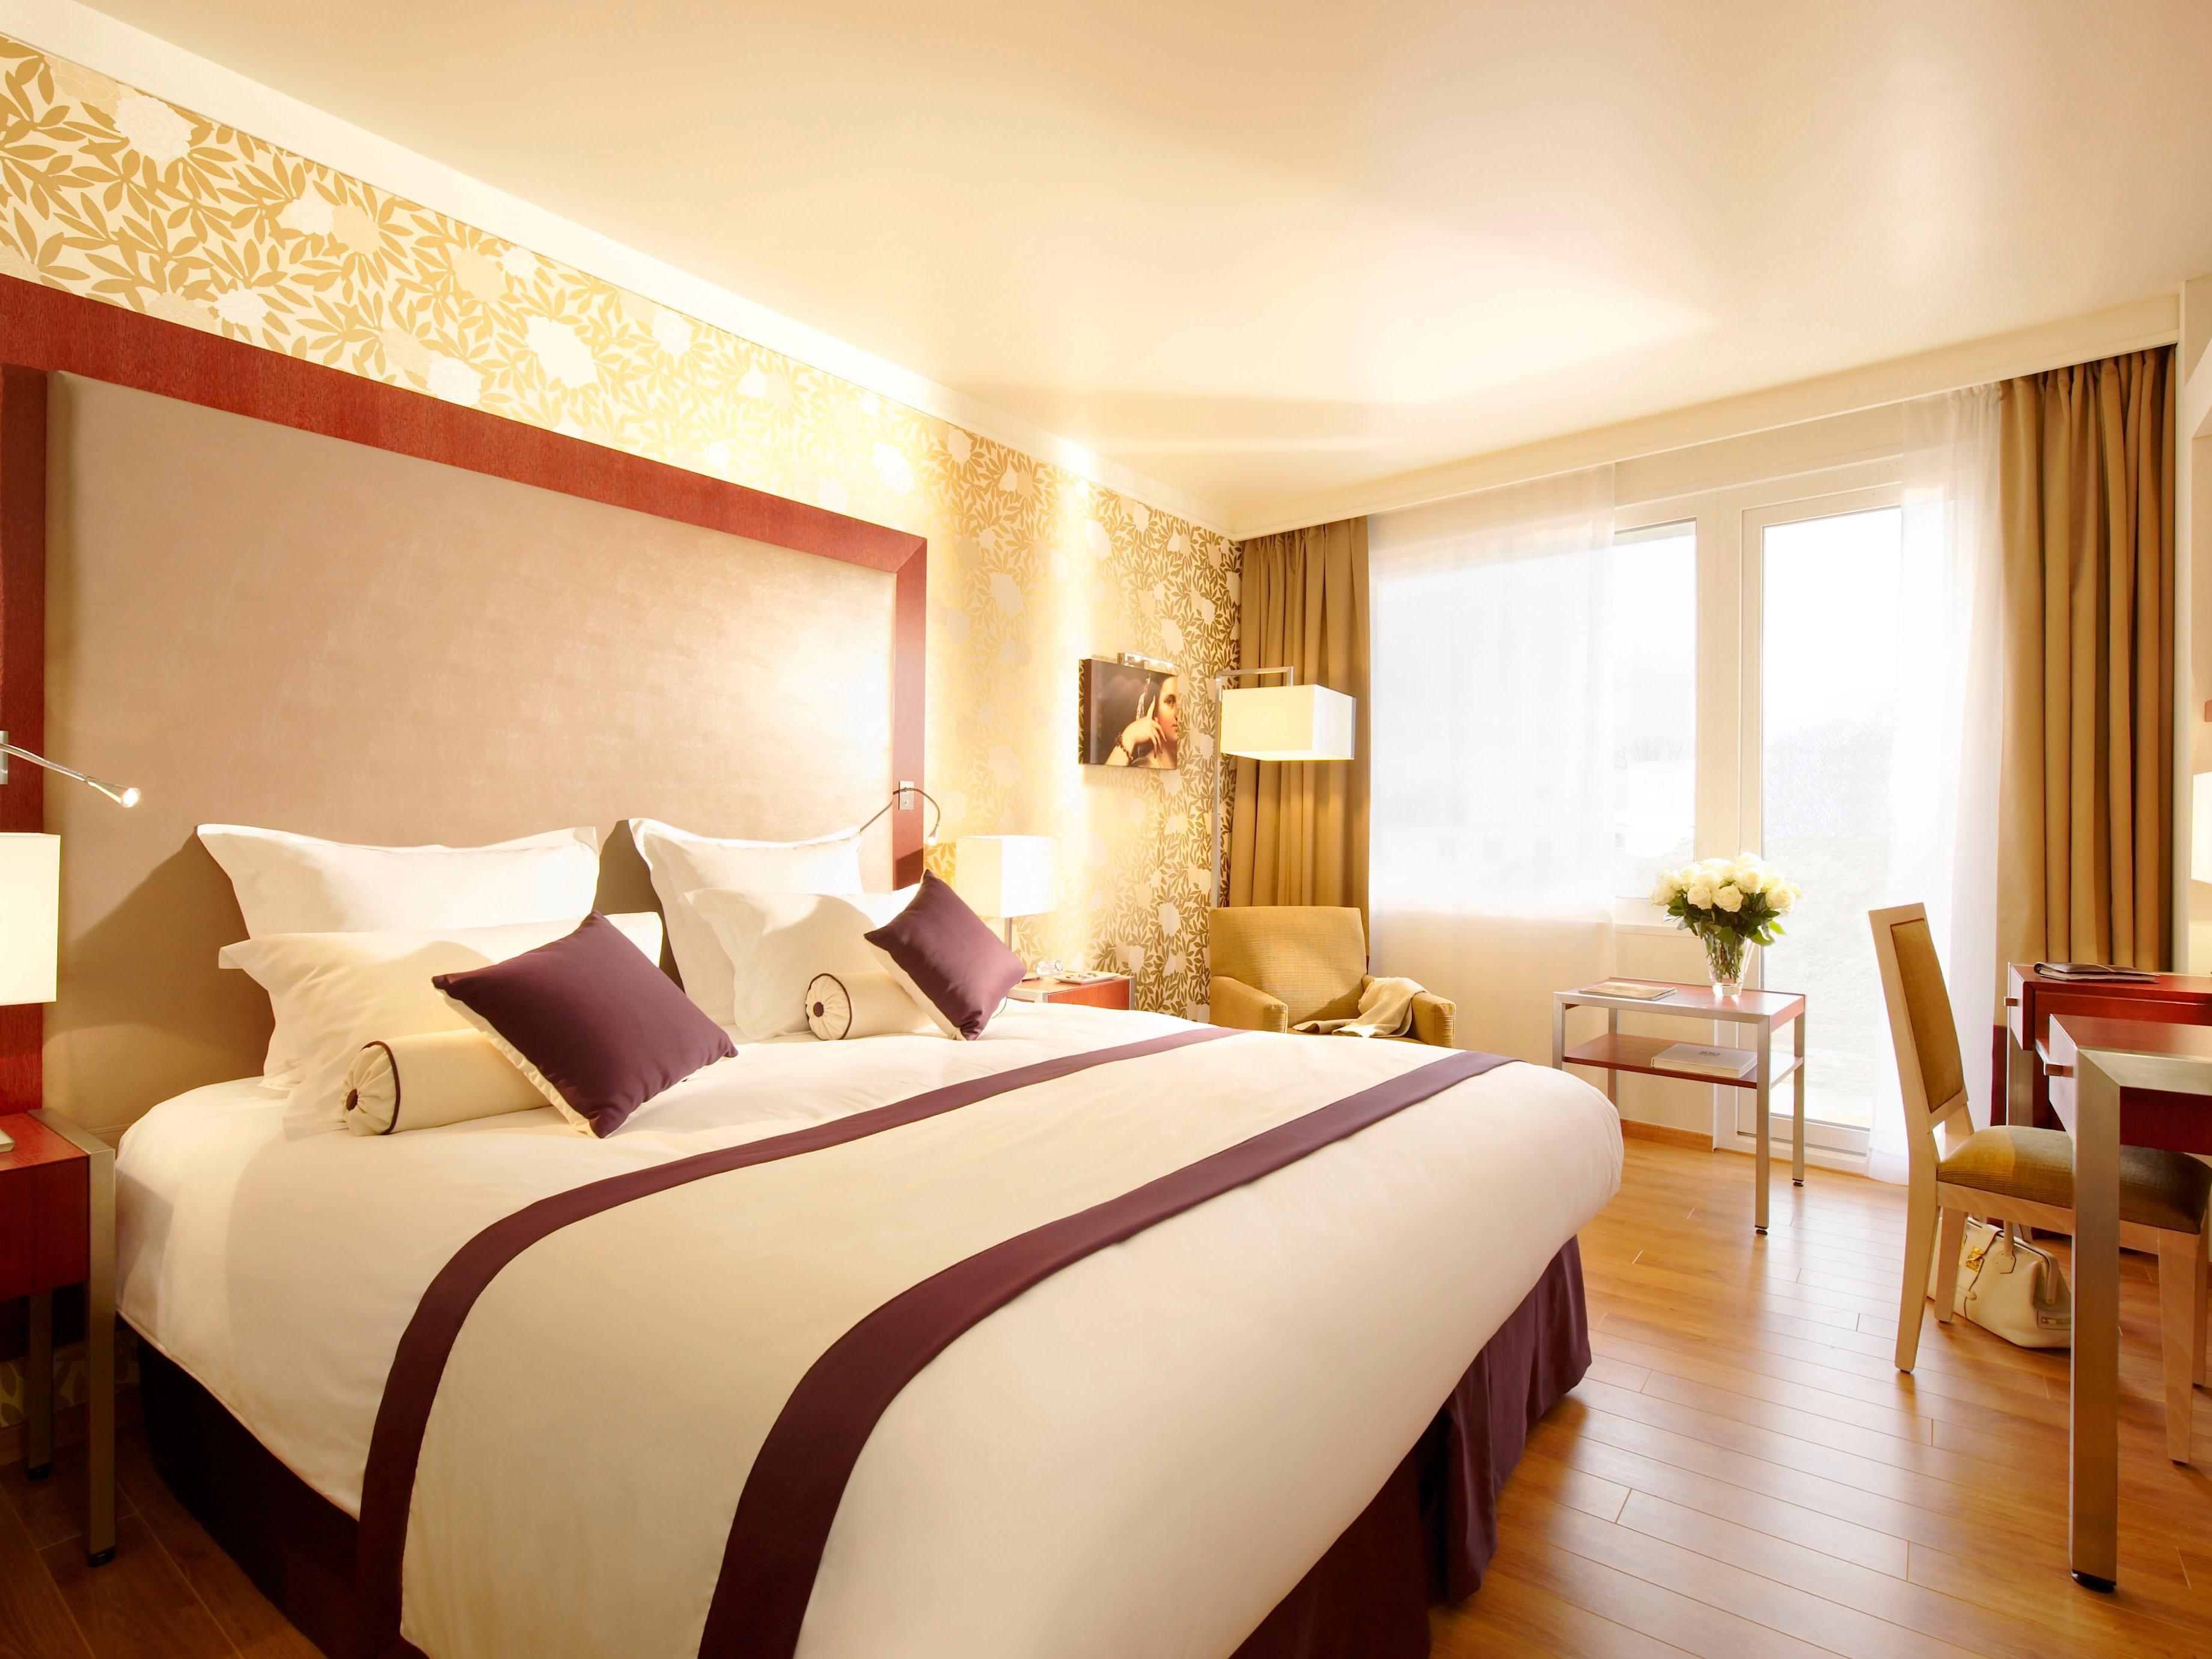 jacuzzi pas cher paris hotel jacuzzi paris pas cher avec hotel jacuzzi privatif pas cher. Black Bedroom Furniture Sets. Home Design Ideas